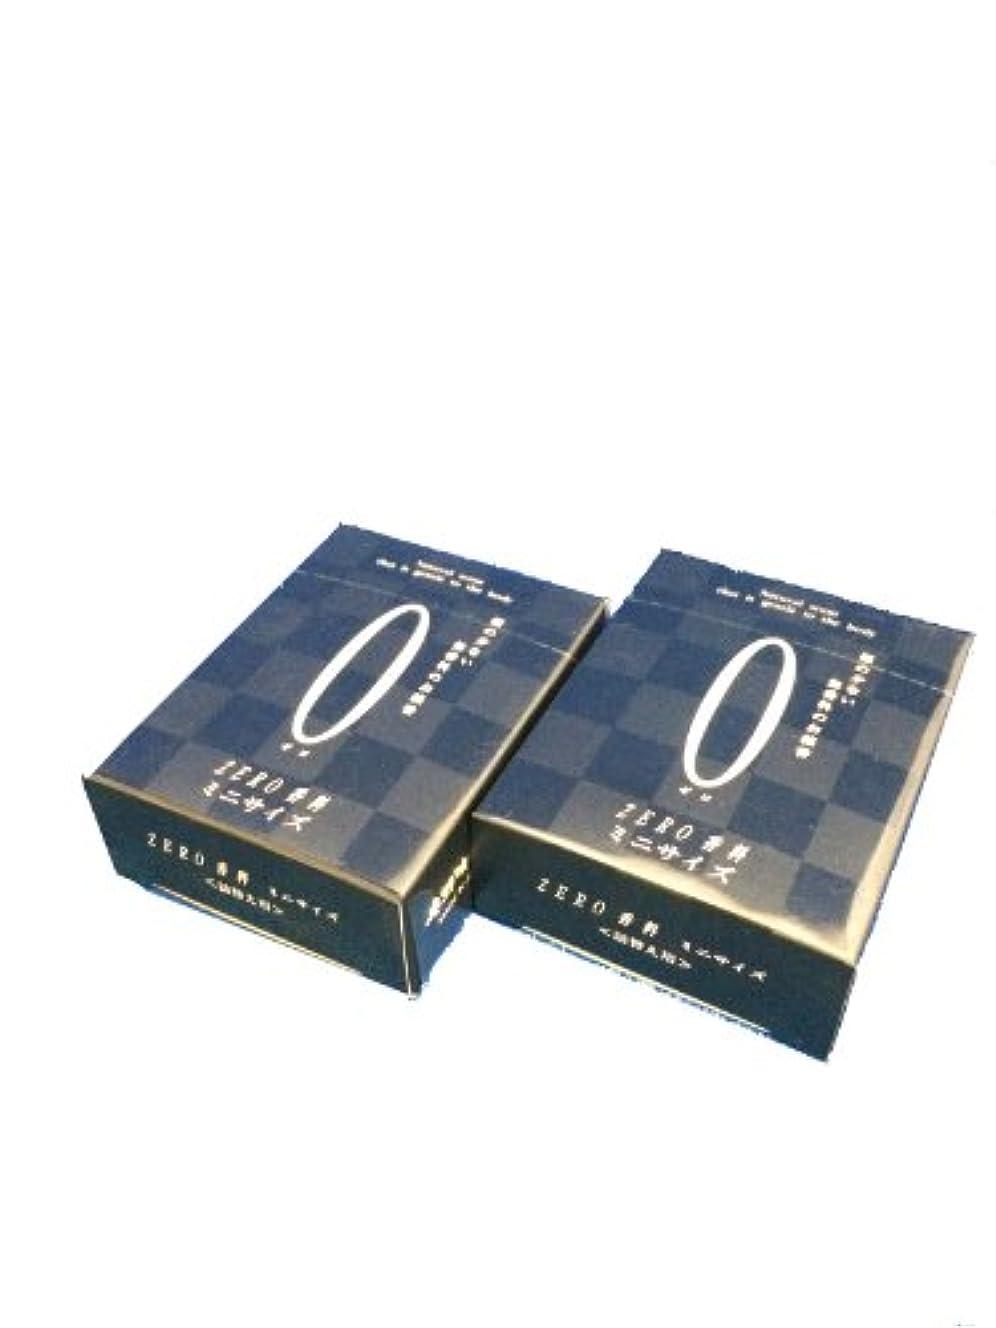 検体であること非難するZERO ゼロ香料 詰め替え用 2個セット ミニ寸 サイズ 約60g